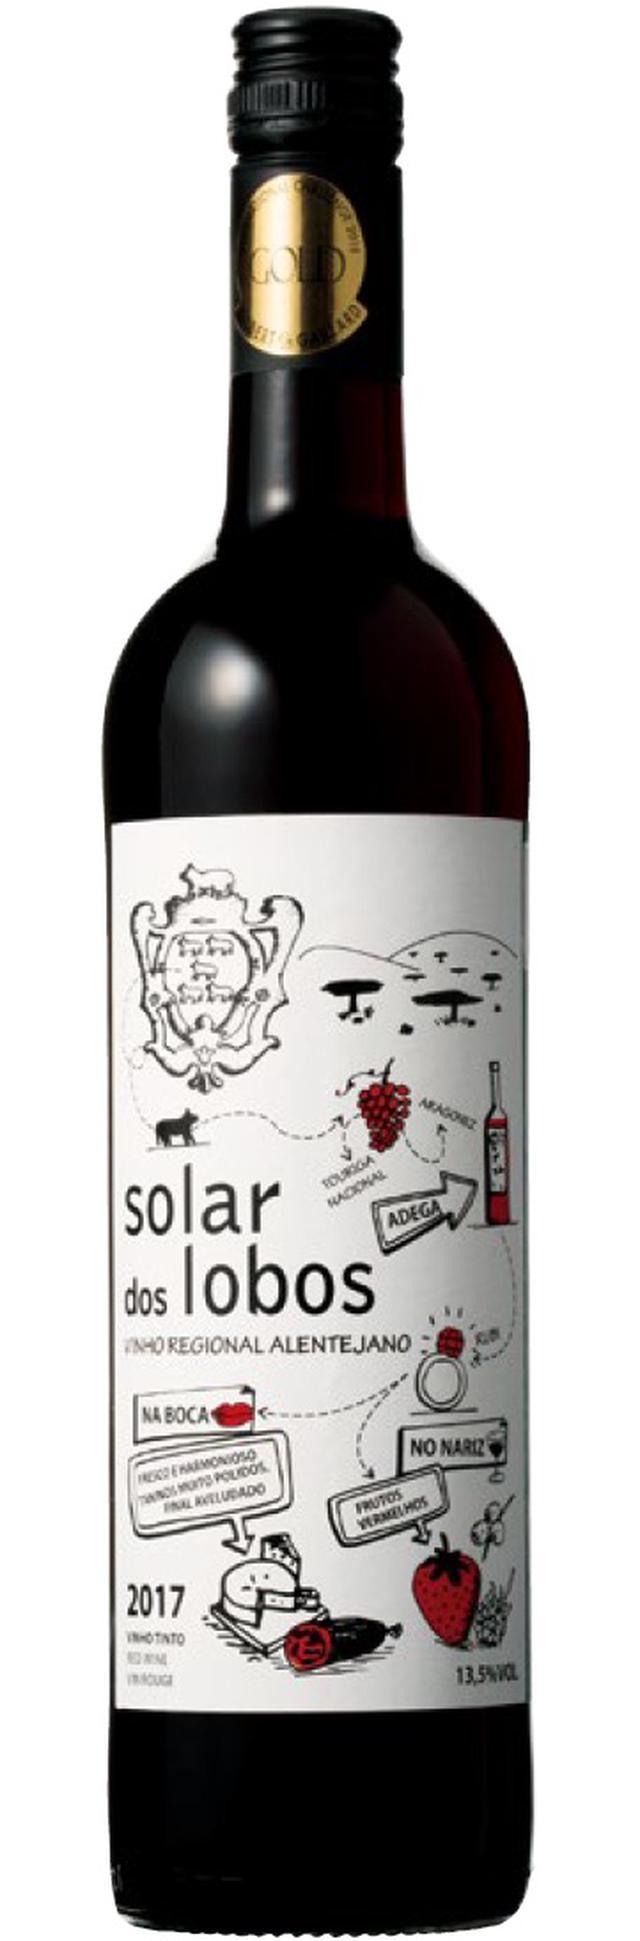 画像4: ワイン王国 2019年9月号/No.112 お勧め5ツ星の買える店(1000円台で見つけた冷やして美味しい赤ワイン)